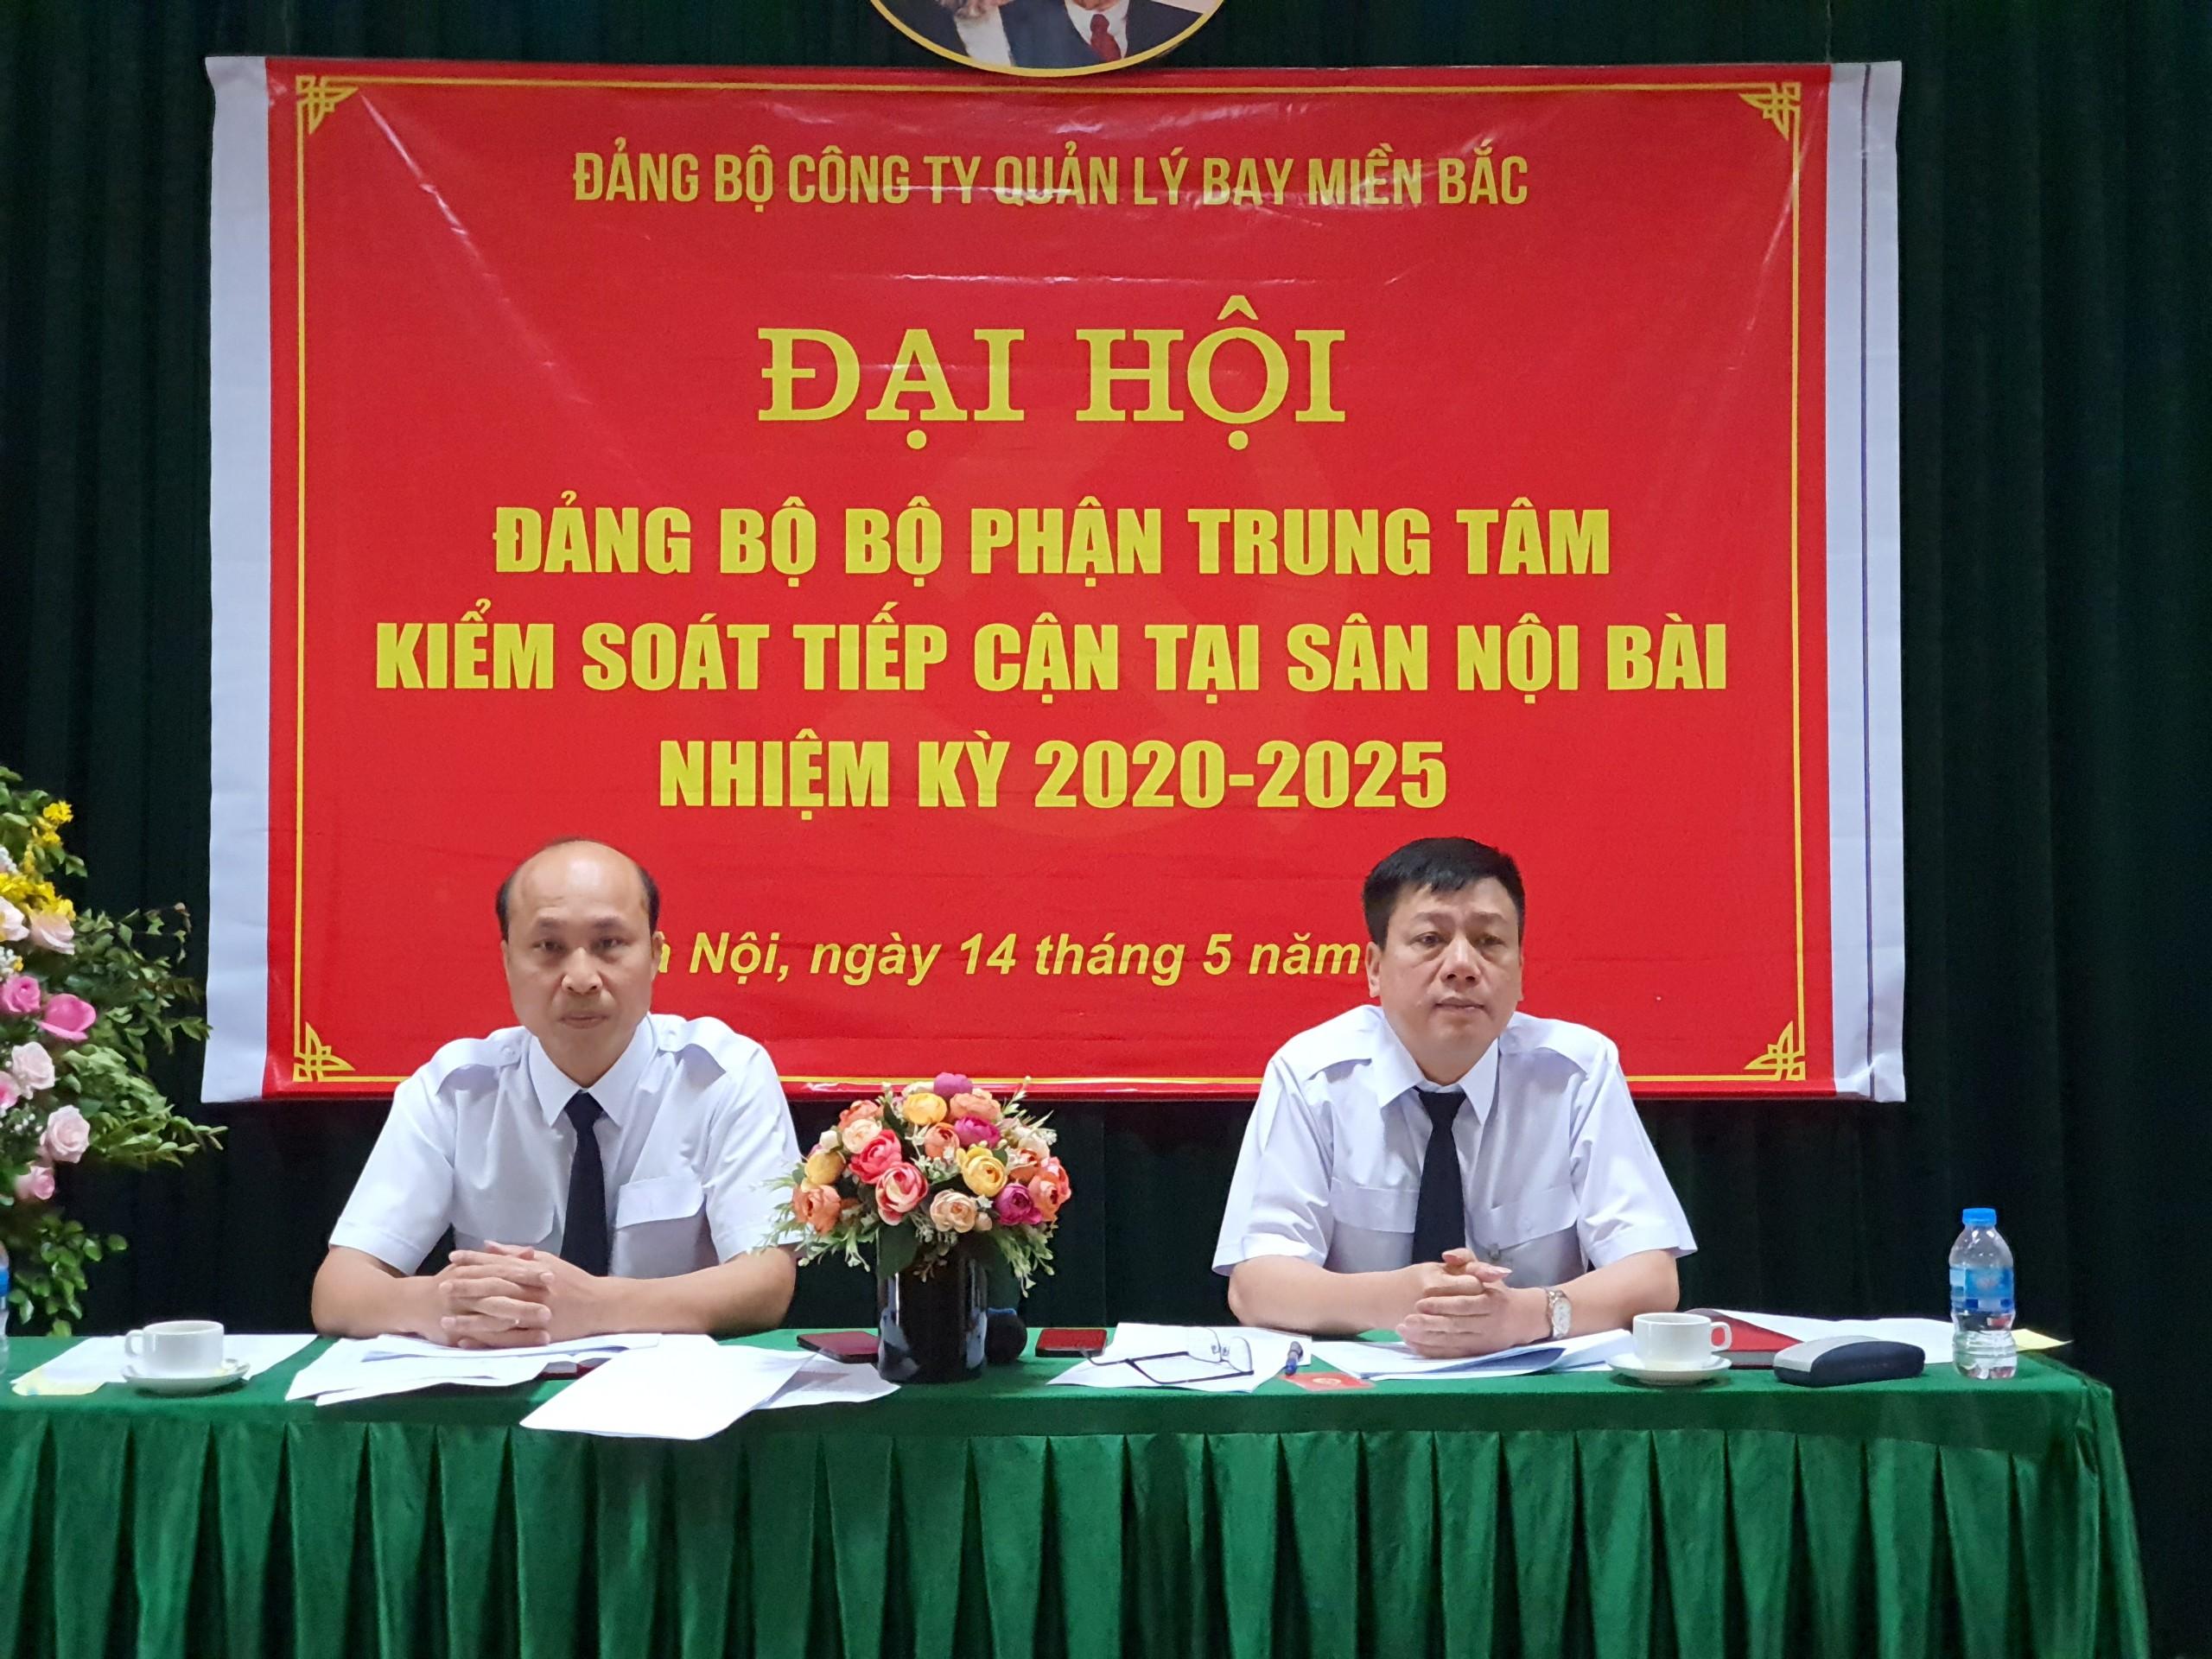 Đảng bộ bộ phận Trung tâm Kiểm soát tiếp cận tại sân Nội Bài tổ chức Đại hội nhiệm kỳ 2020 – 2025